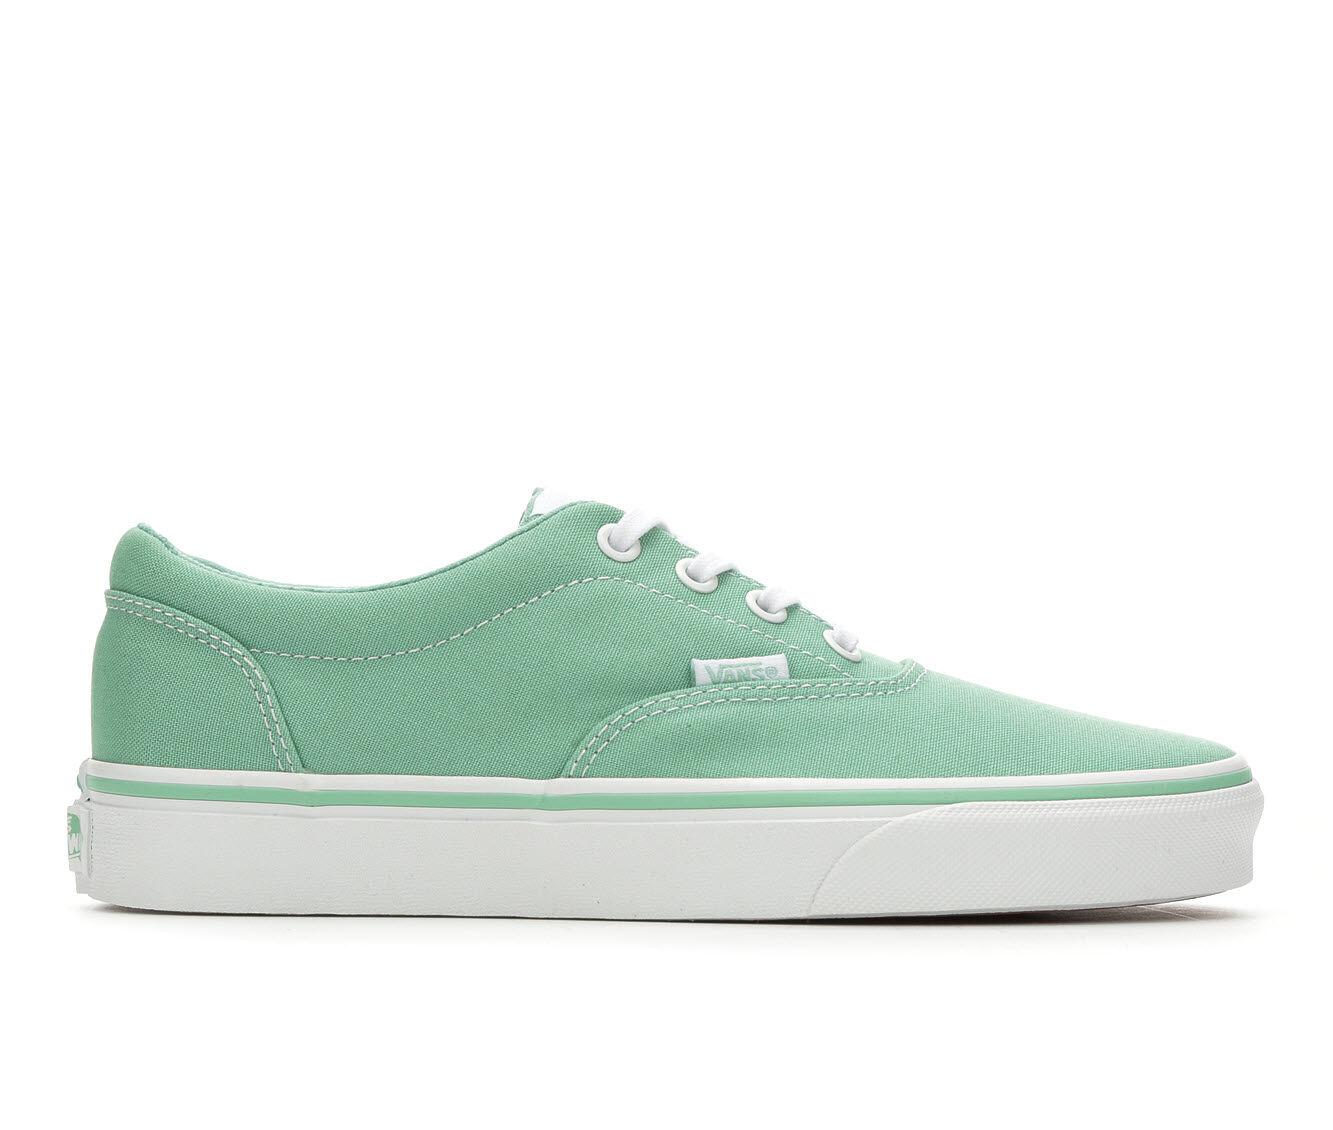 Women's Vans Doheny Skate Shoes Neptune Green